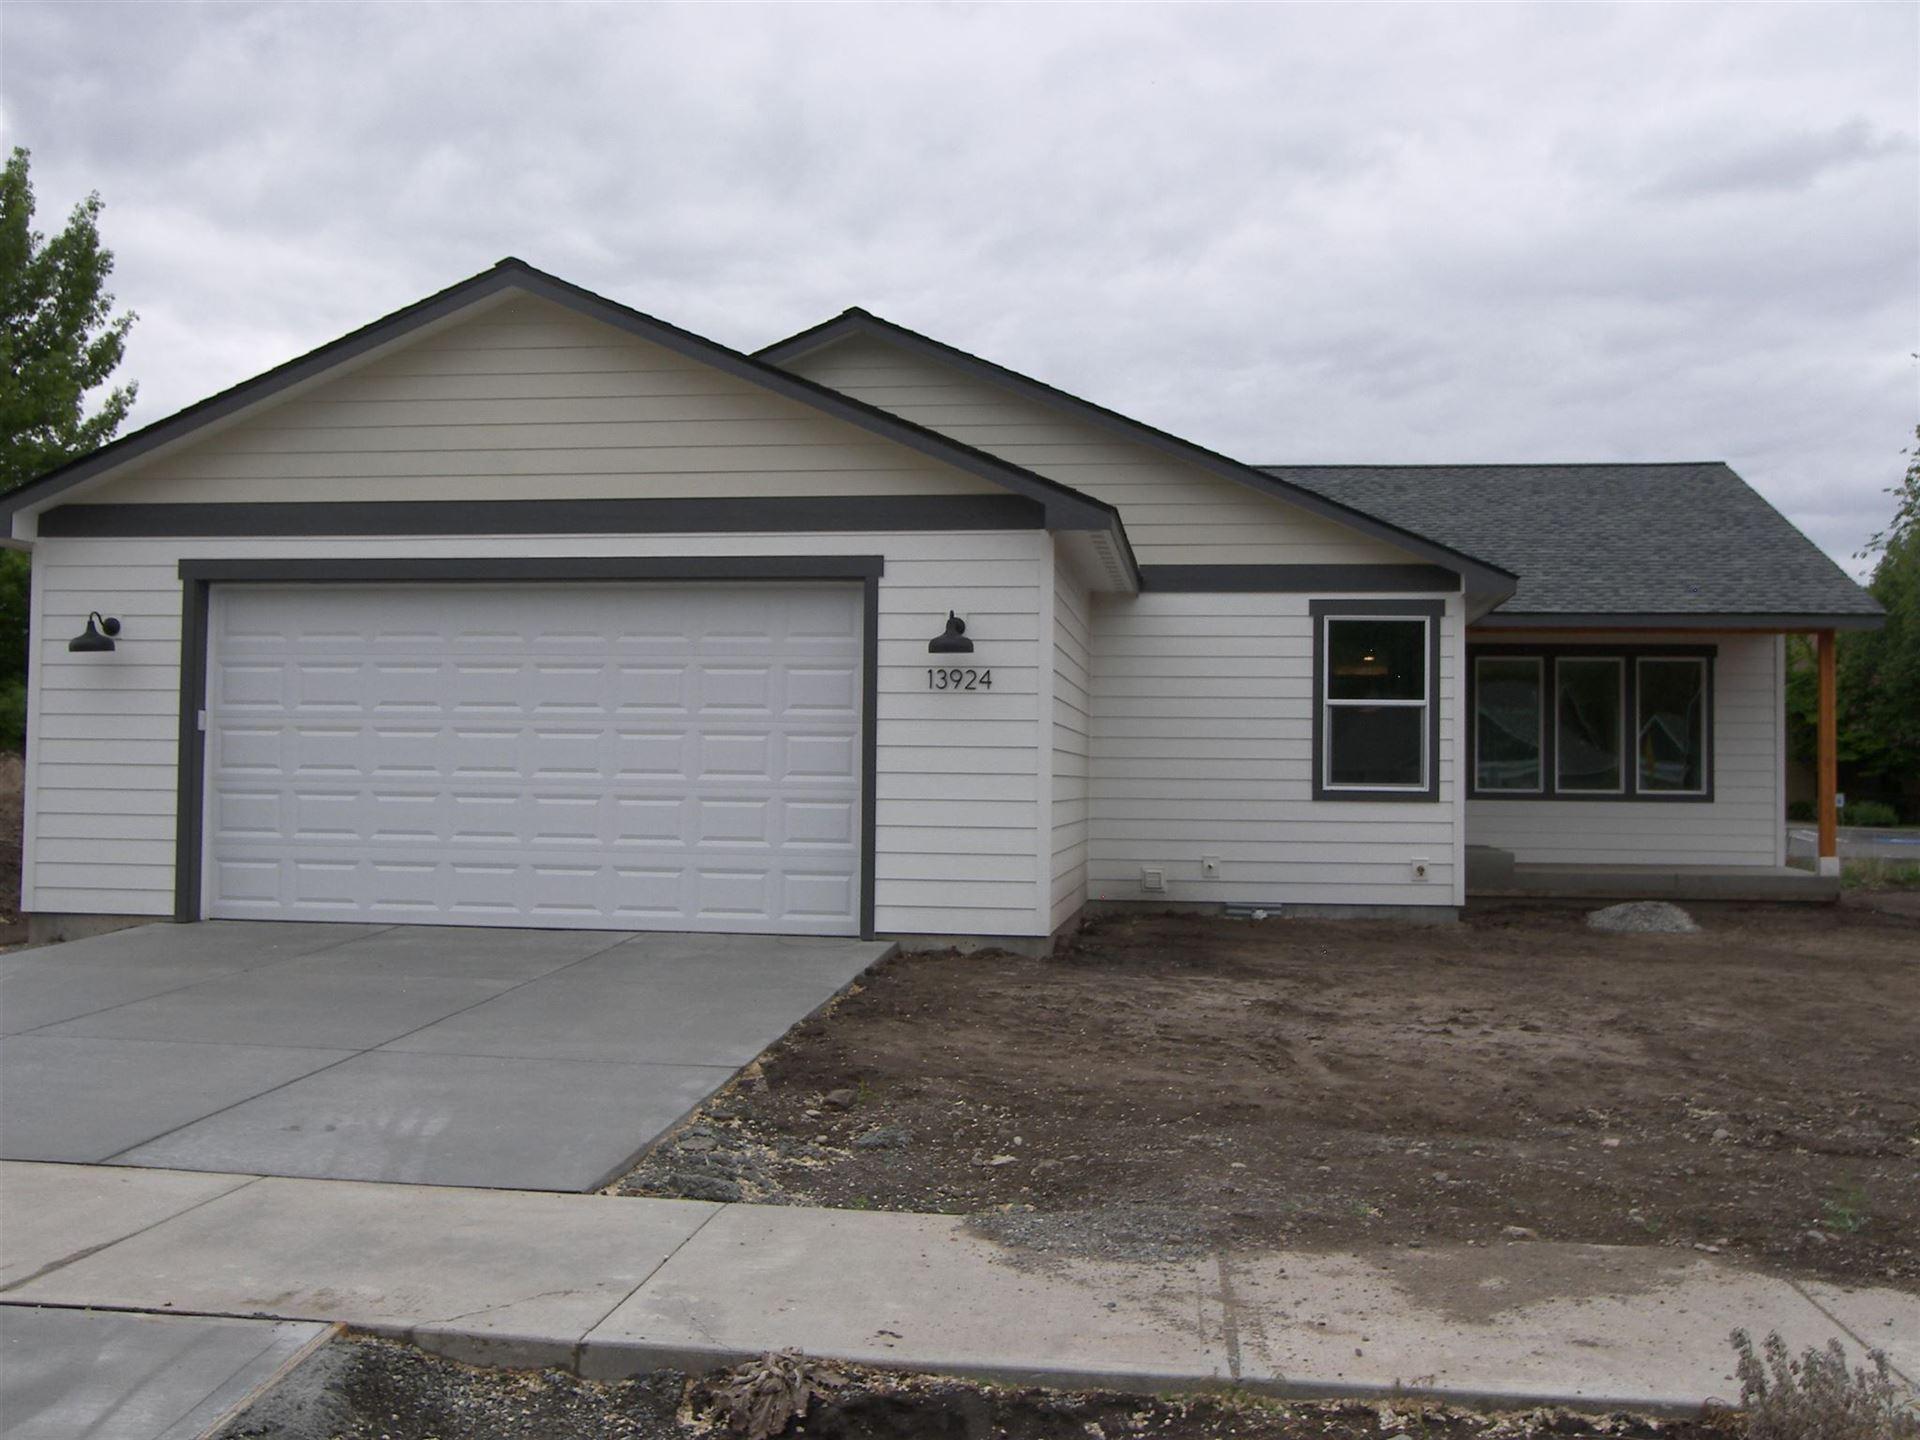 13924 E Sanson Ave, Spokane Valley, WA 99216 - #: 202117188